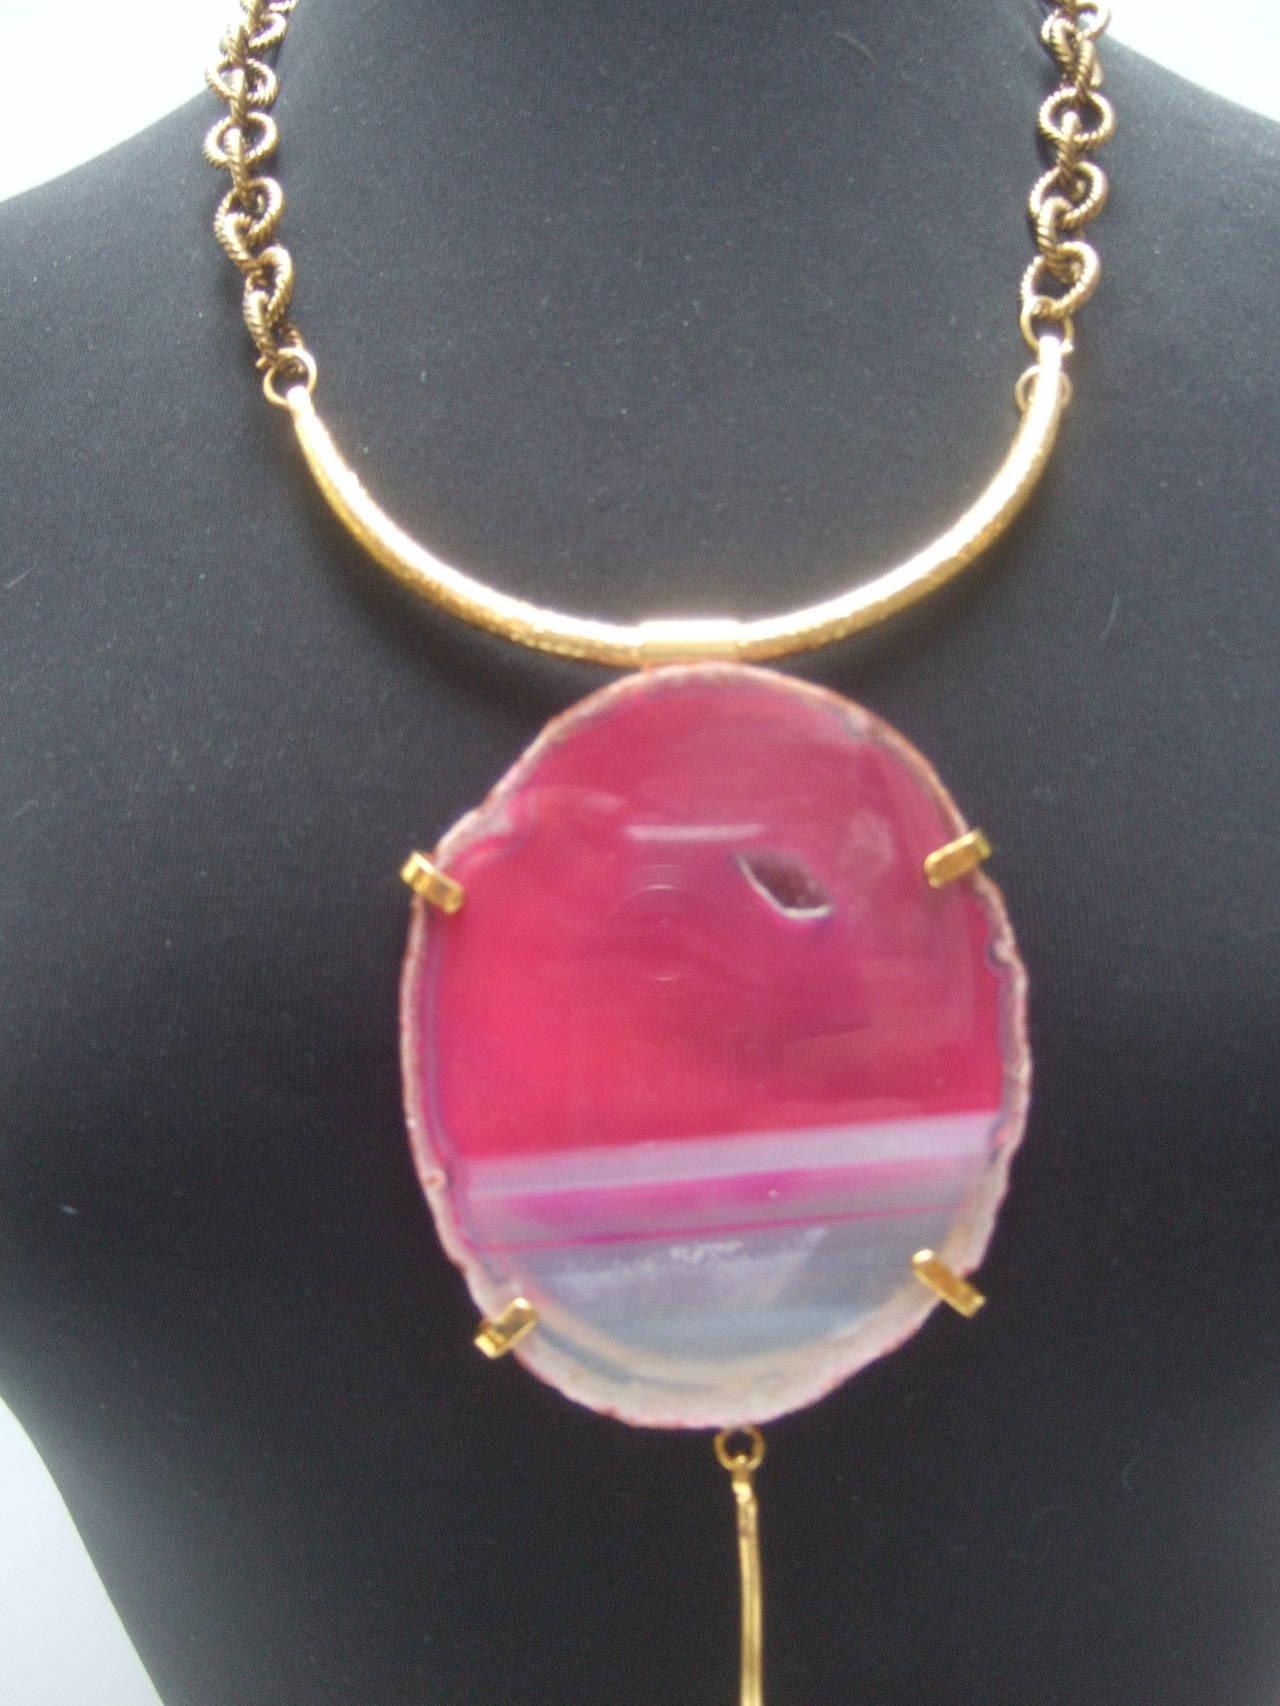 Philippe Ferrandis Paris Magnificent Agate Pendant Necklace For Sale 2